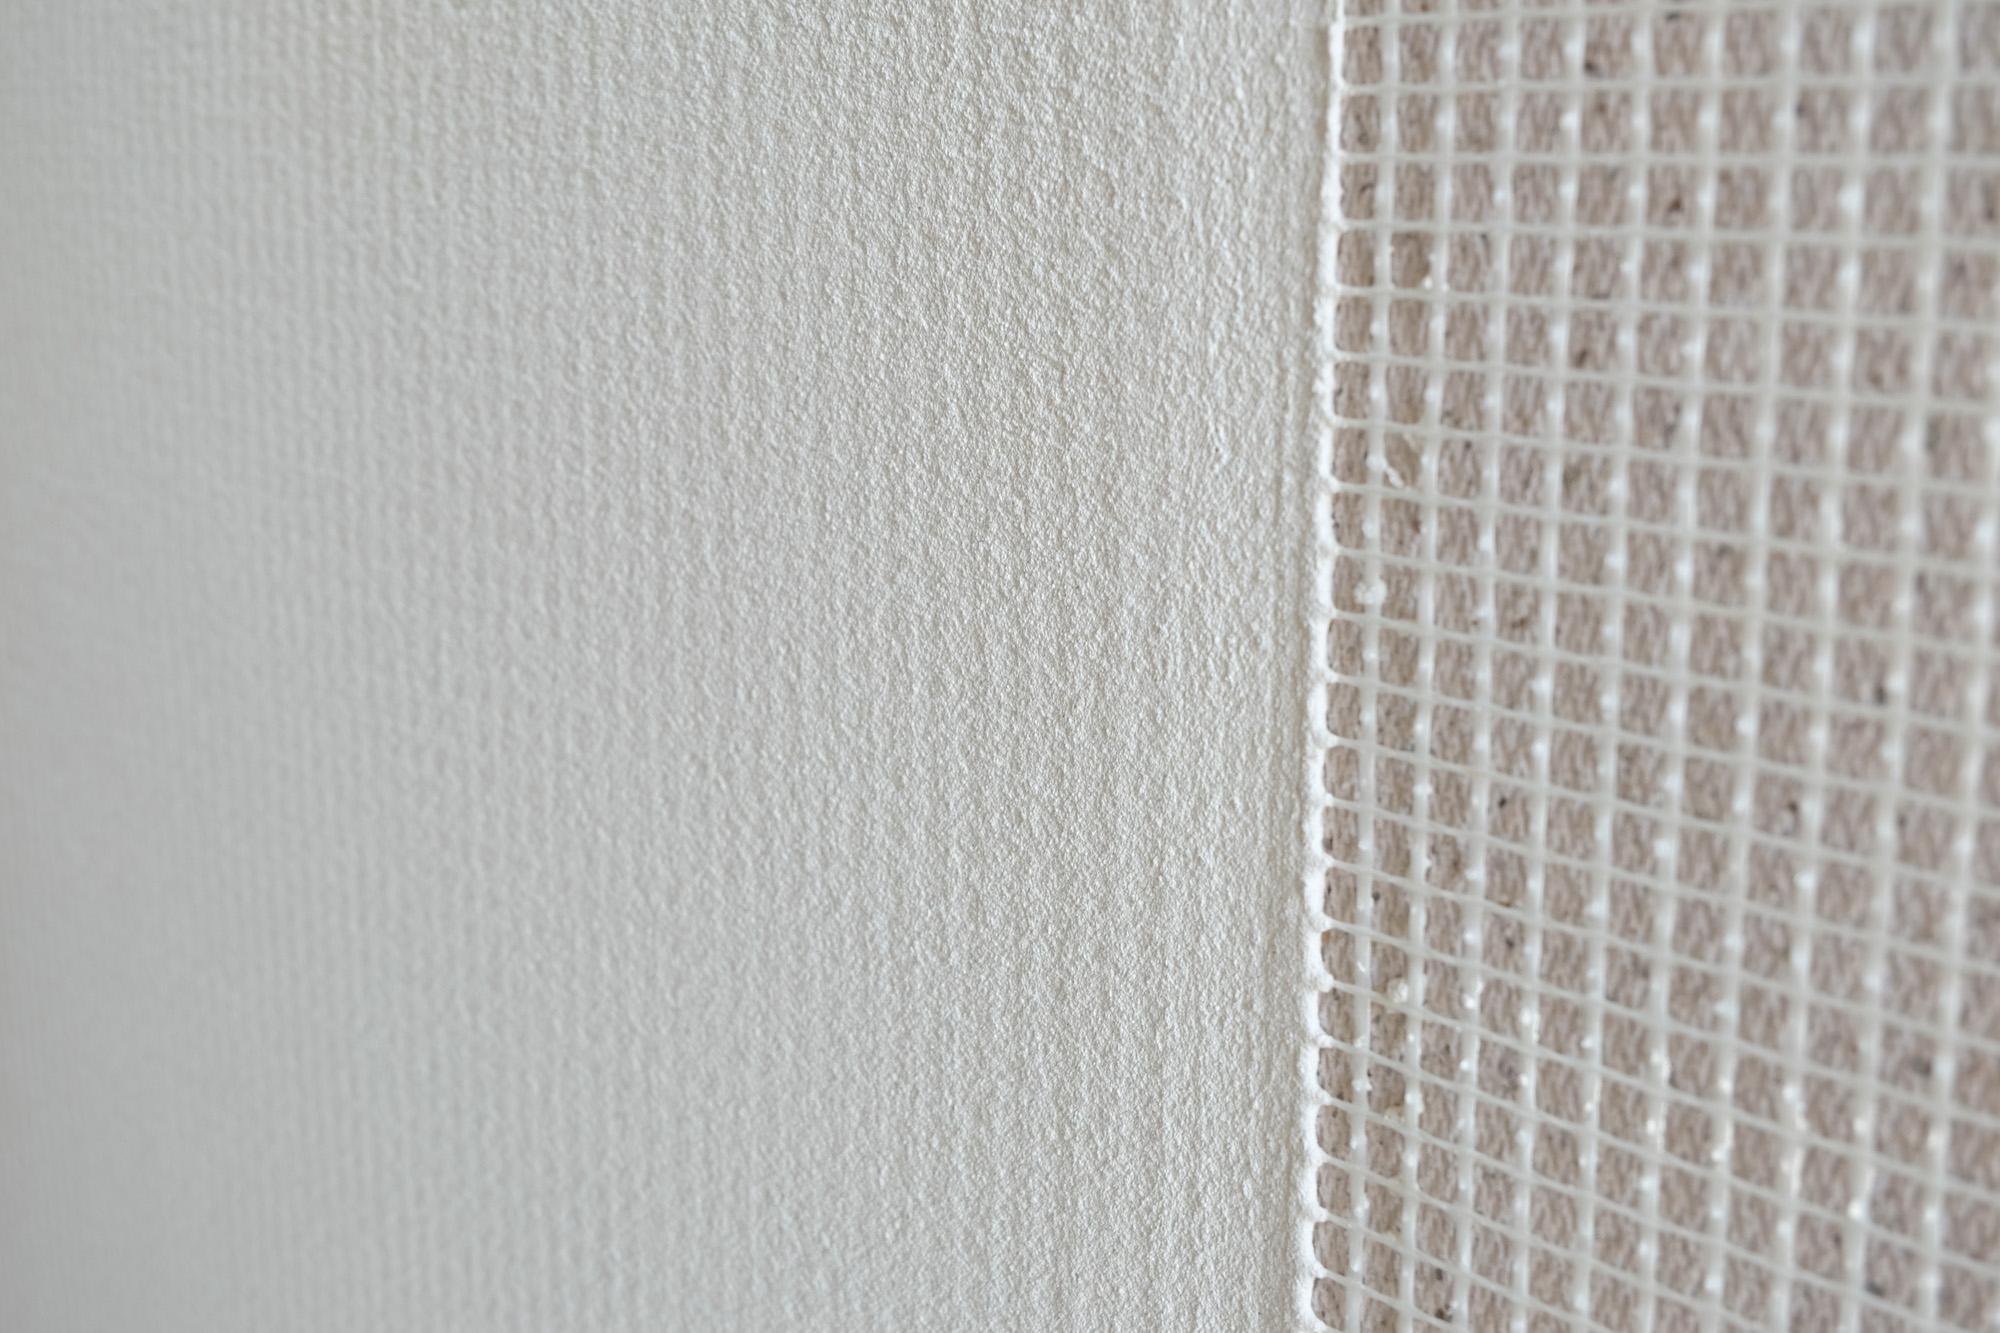 rigips spachteln gewebeband doch nach dem spachteln und tapezieren mit vlies doch kein riss. Black Bedroom Furniture Sets. Home Design Ideas